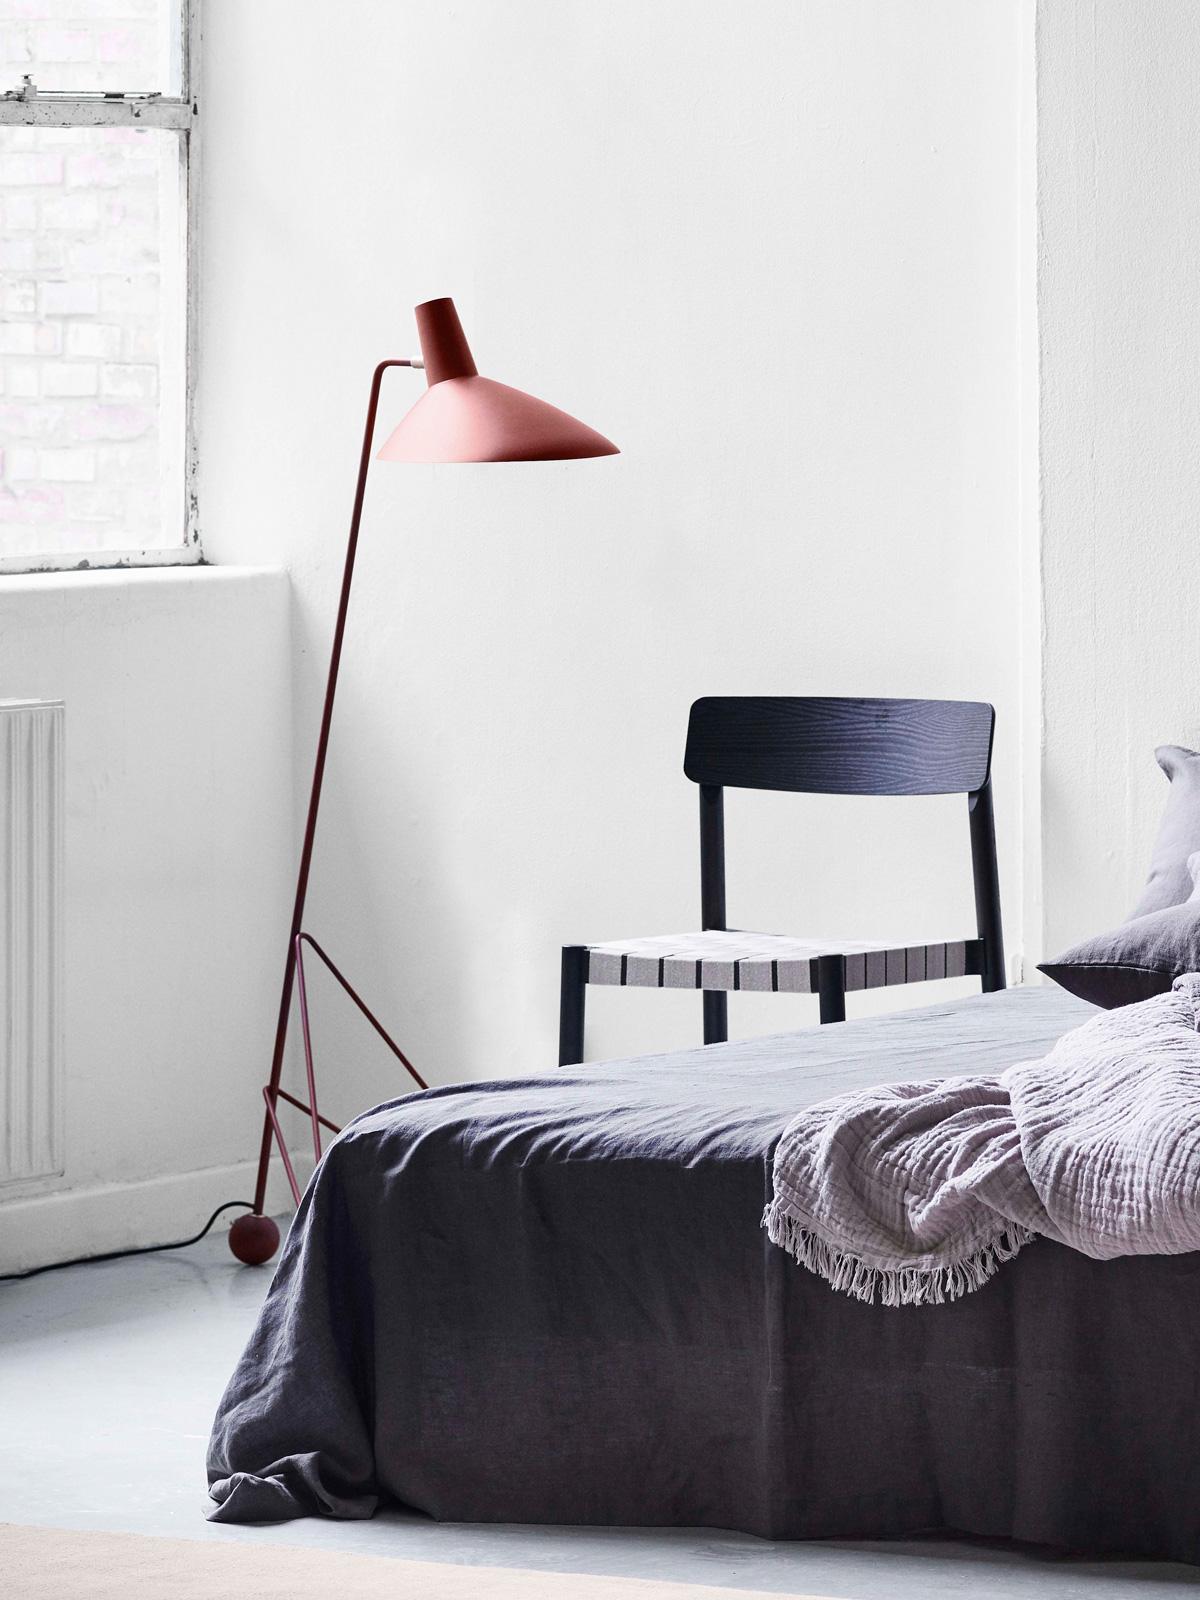 DesignOrt Blog: Trend. Farbige Leuchten Tripod HM8 &tradition DesignOrt Onlineshop Lampen Berlin